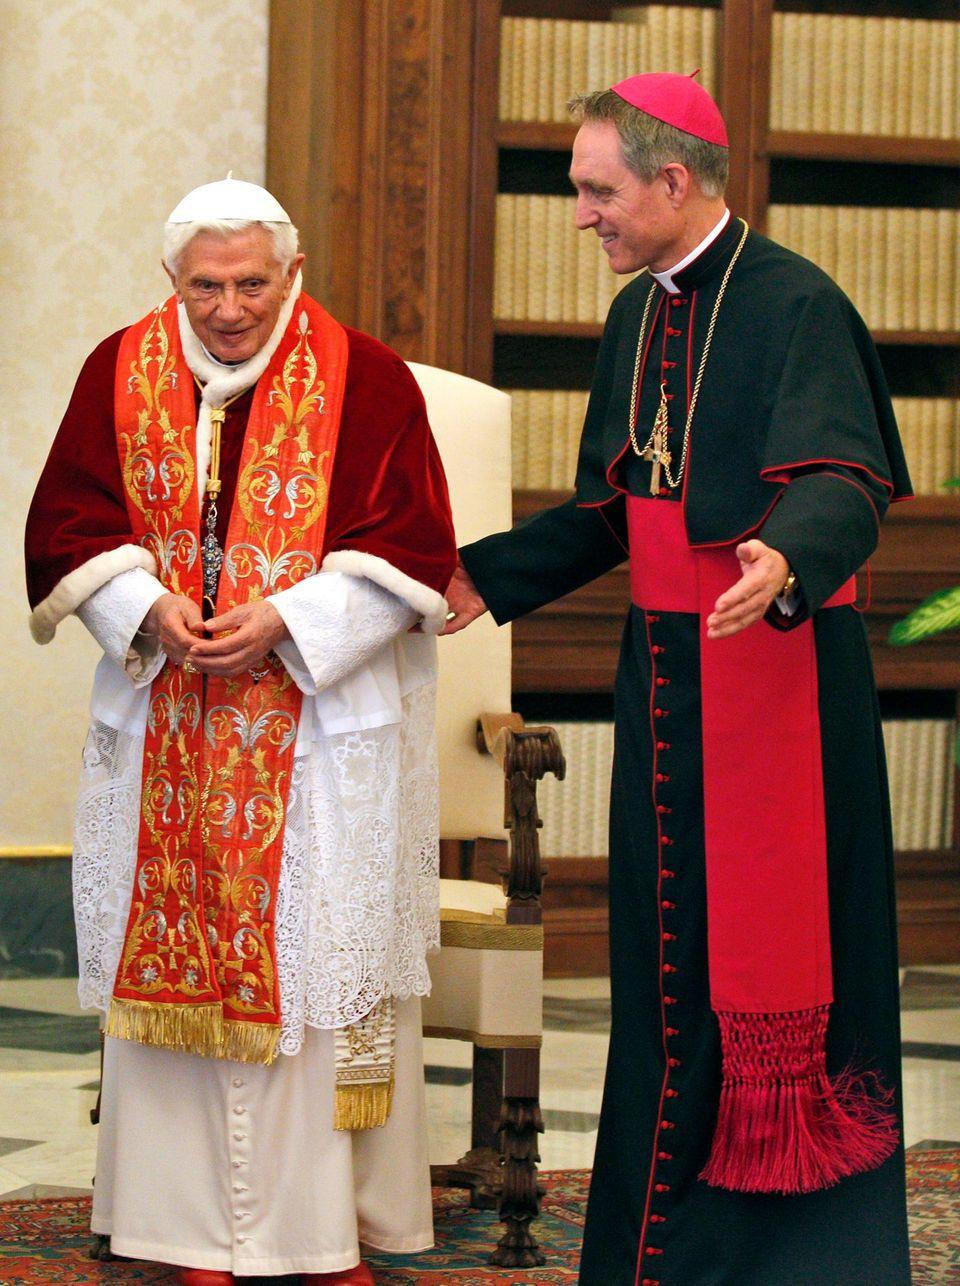 Mit Monsignore Georg Gänswein hielt Benedikt XVI. vor wenigen Tagen eine seiner letzten Privataudienzen im Vatikan ab.